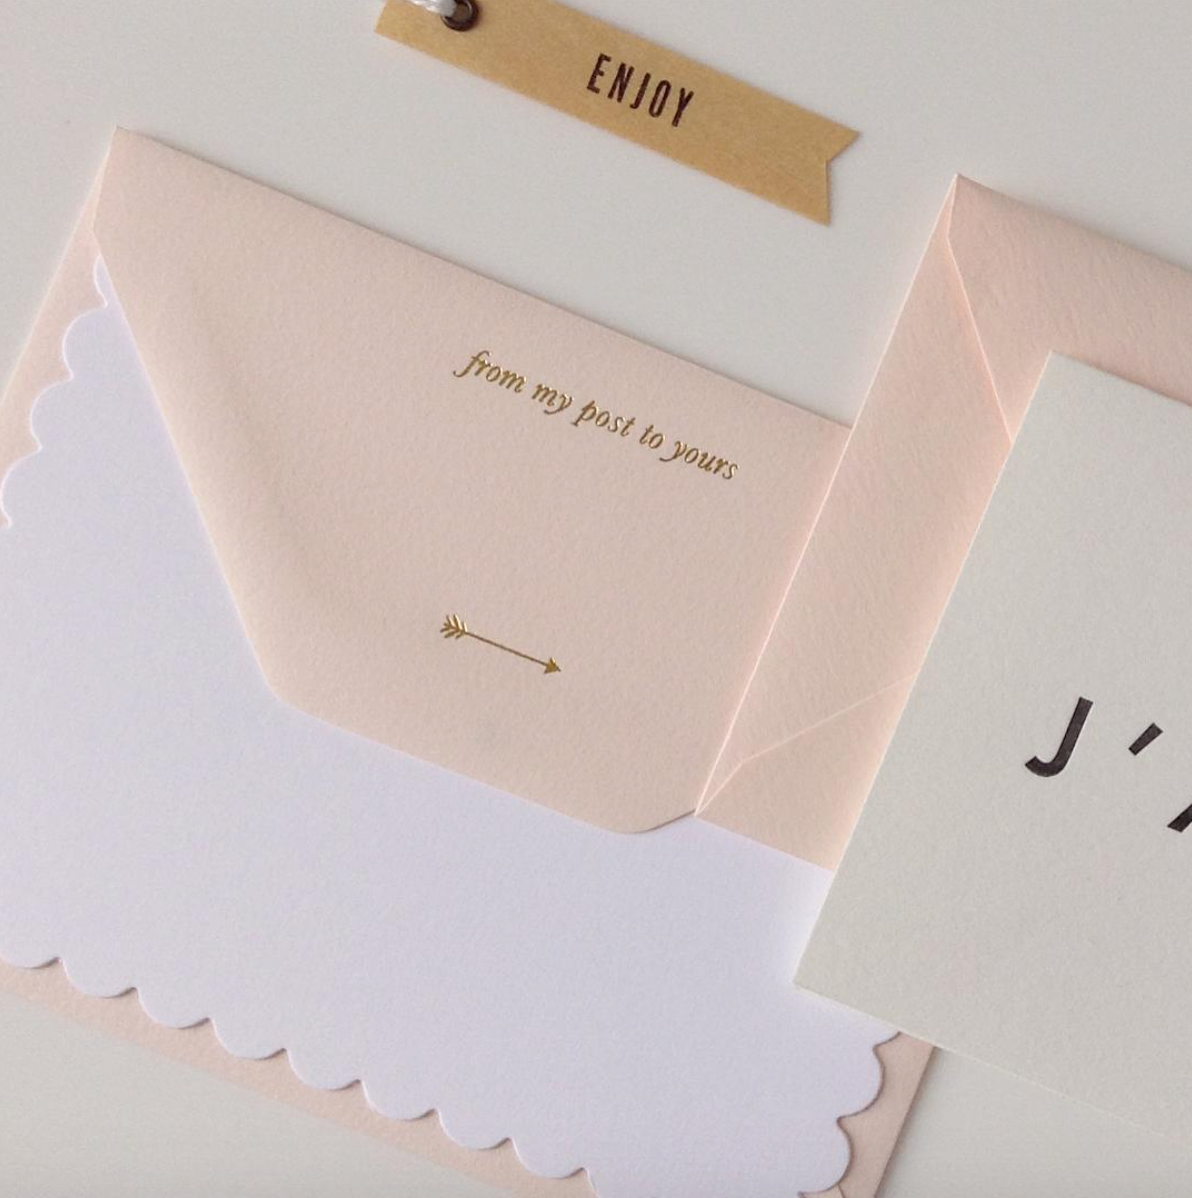 london quill letters club - Como a experiência de fazer parte de um clube de cartas me ajudou a me conhecer melhor